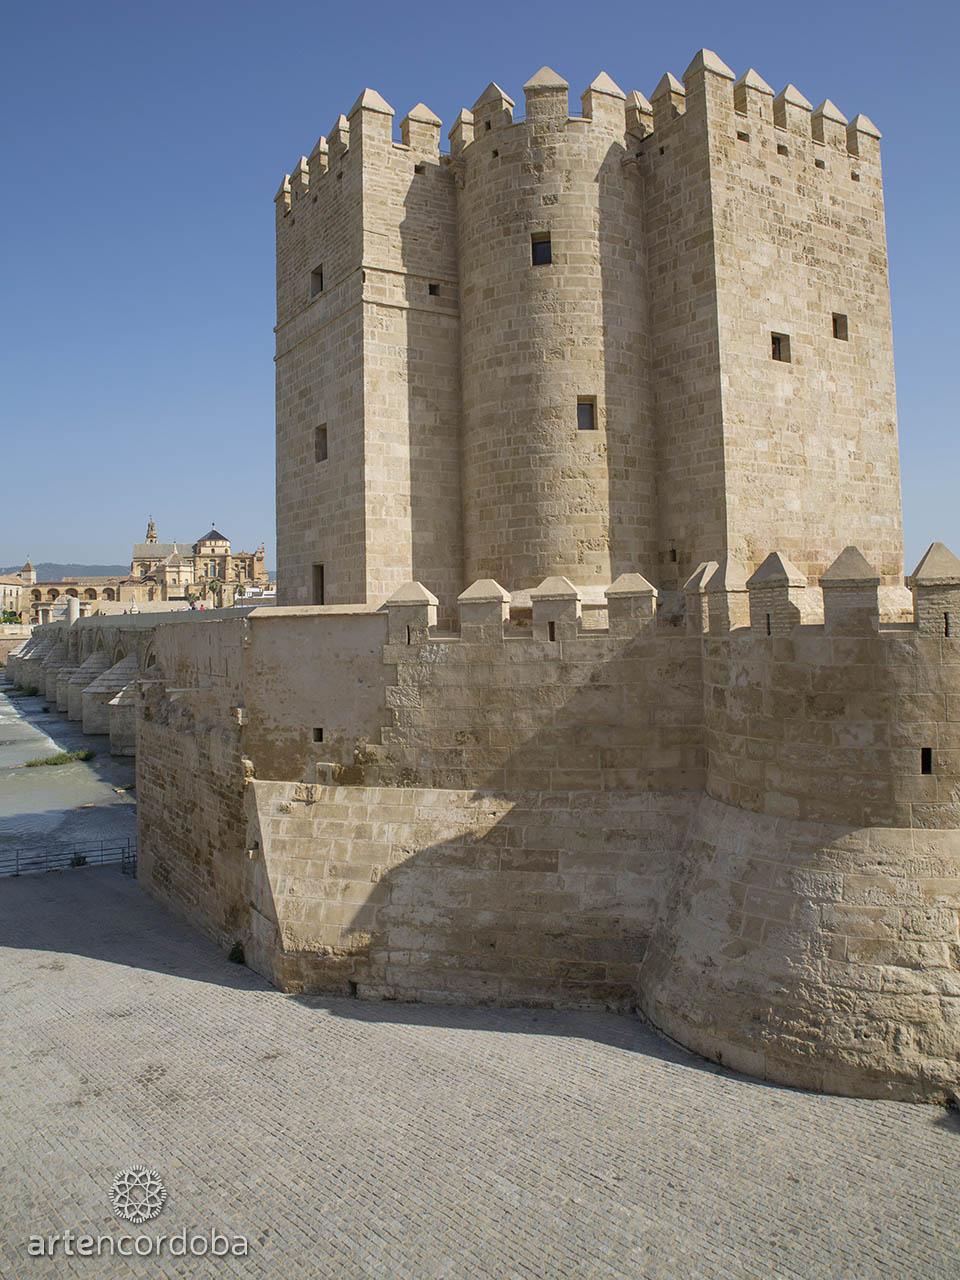 Vista de la torre Calahorra desde atrás, con la Mezquita al fondo